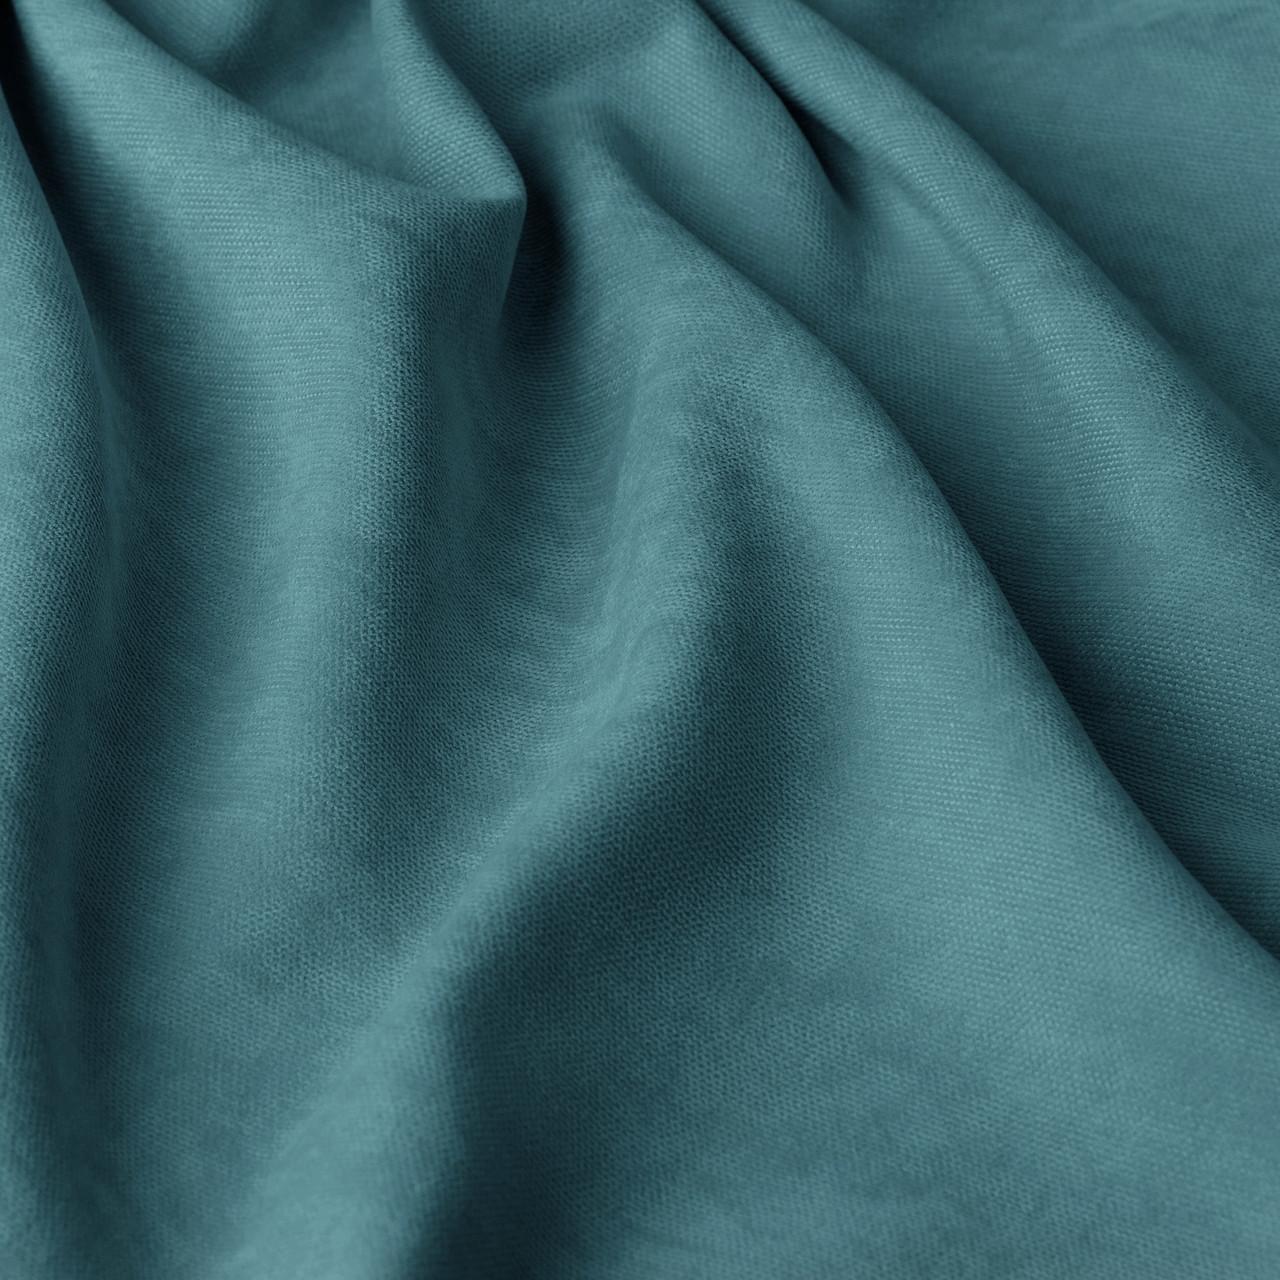 Однотонная декоративная ткань велюр голубого цвета 295см 84438v48